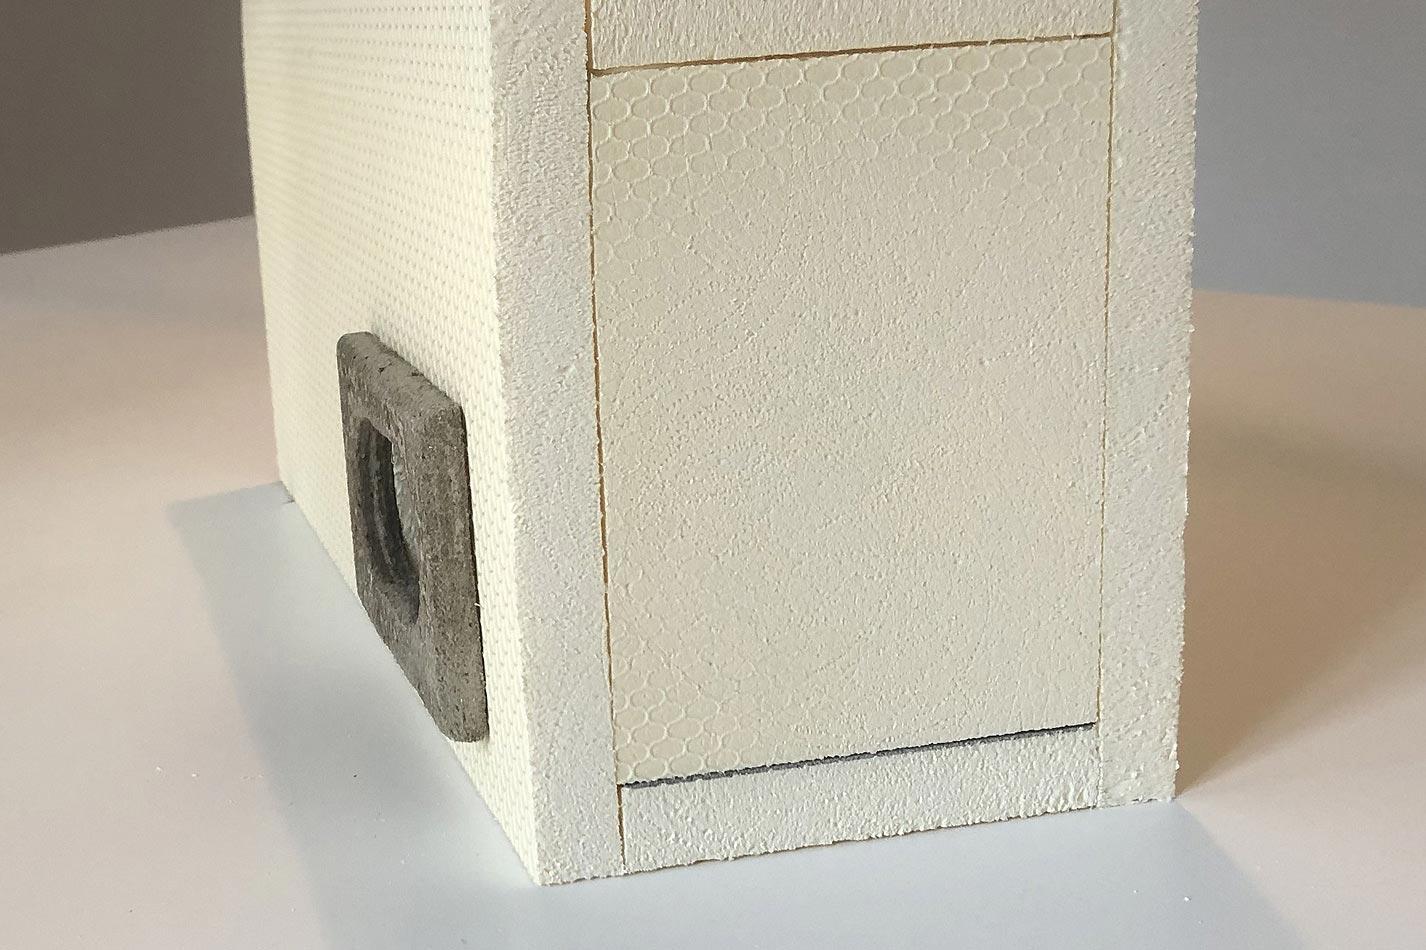 Mauersegler Kasten aus WDV Material mit einem Einflugloch mit einem schwarzen Einflugring